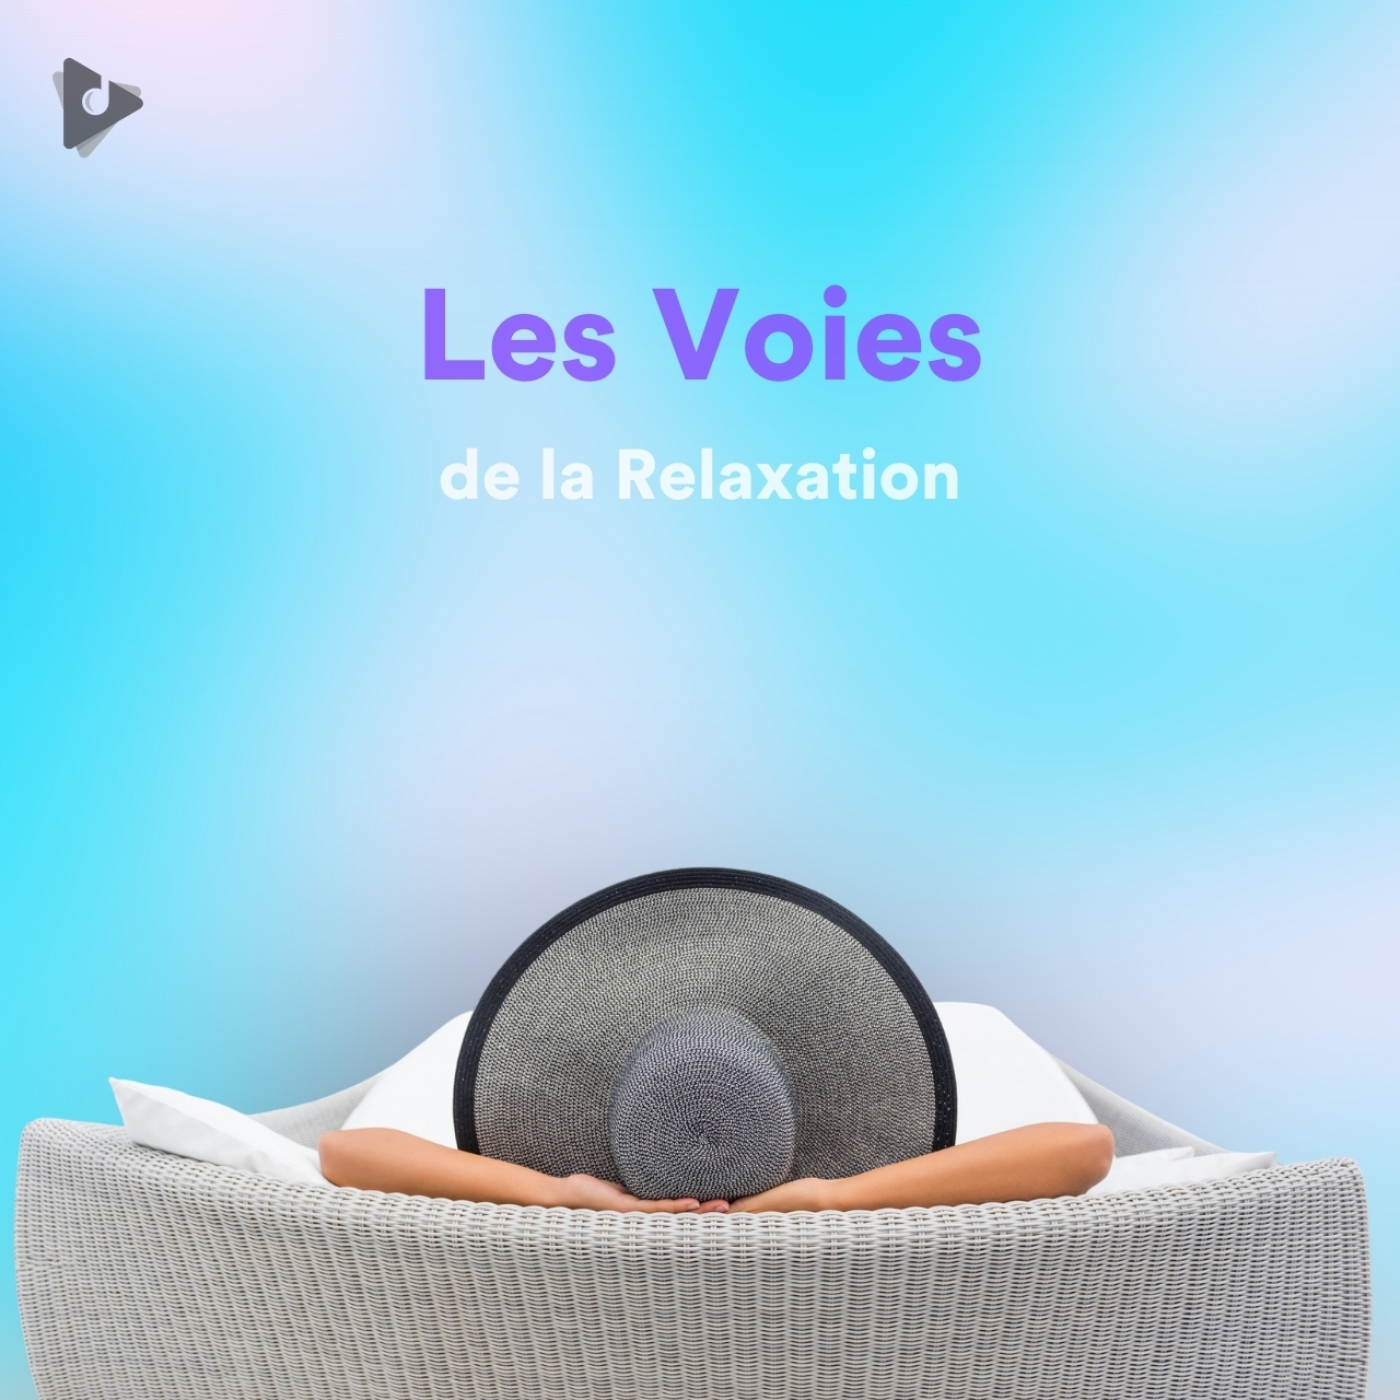 Les Voies de la Relaxation